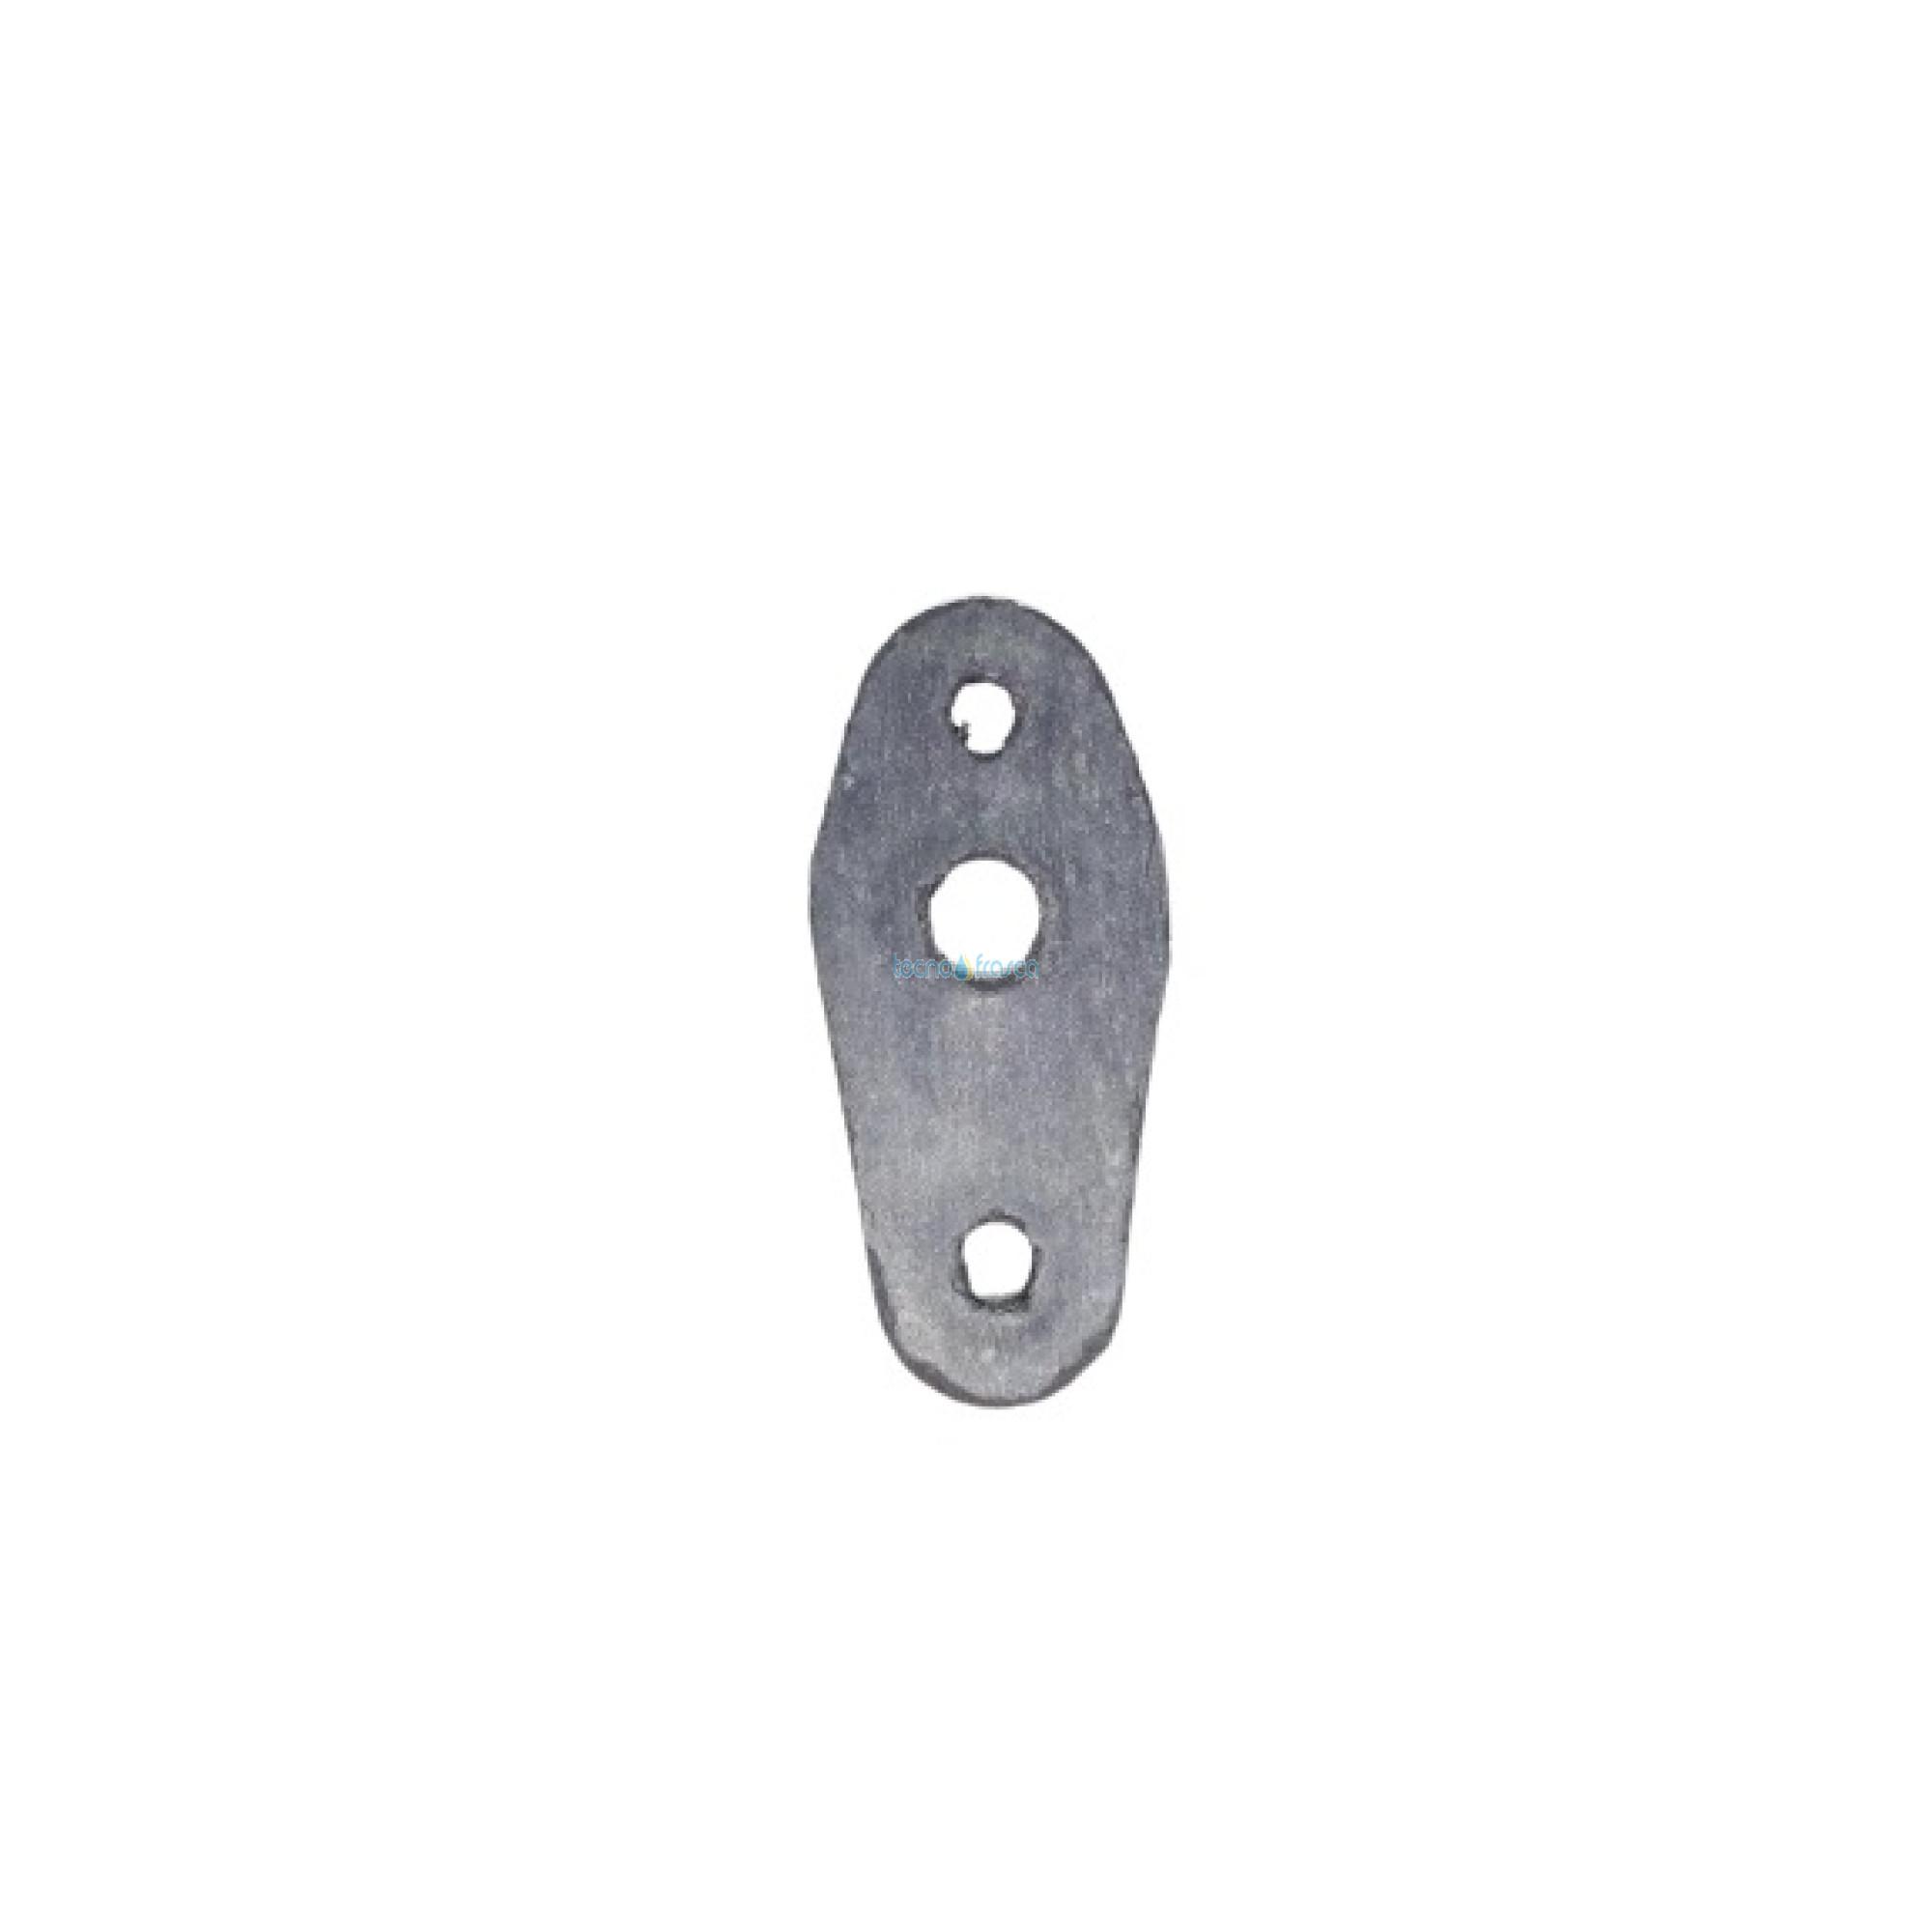 Immergas guarnizione elettrodo accensione victrix 1.016795